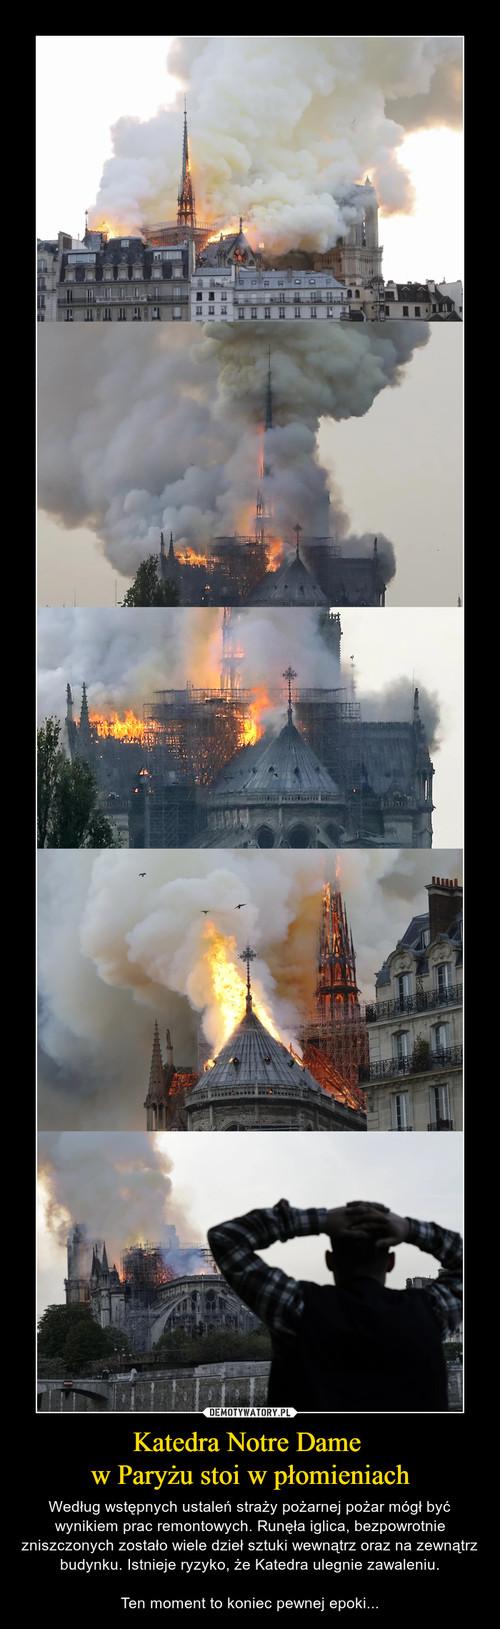 Katedra Notre Dame  w Paryżu stoi w płomieniach